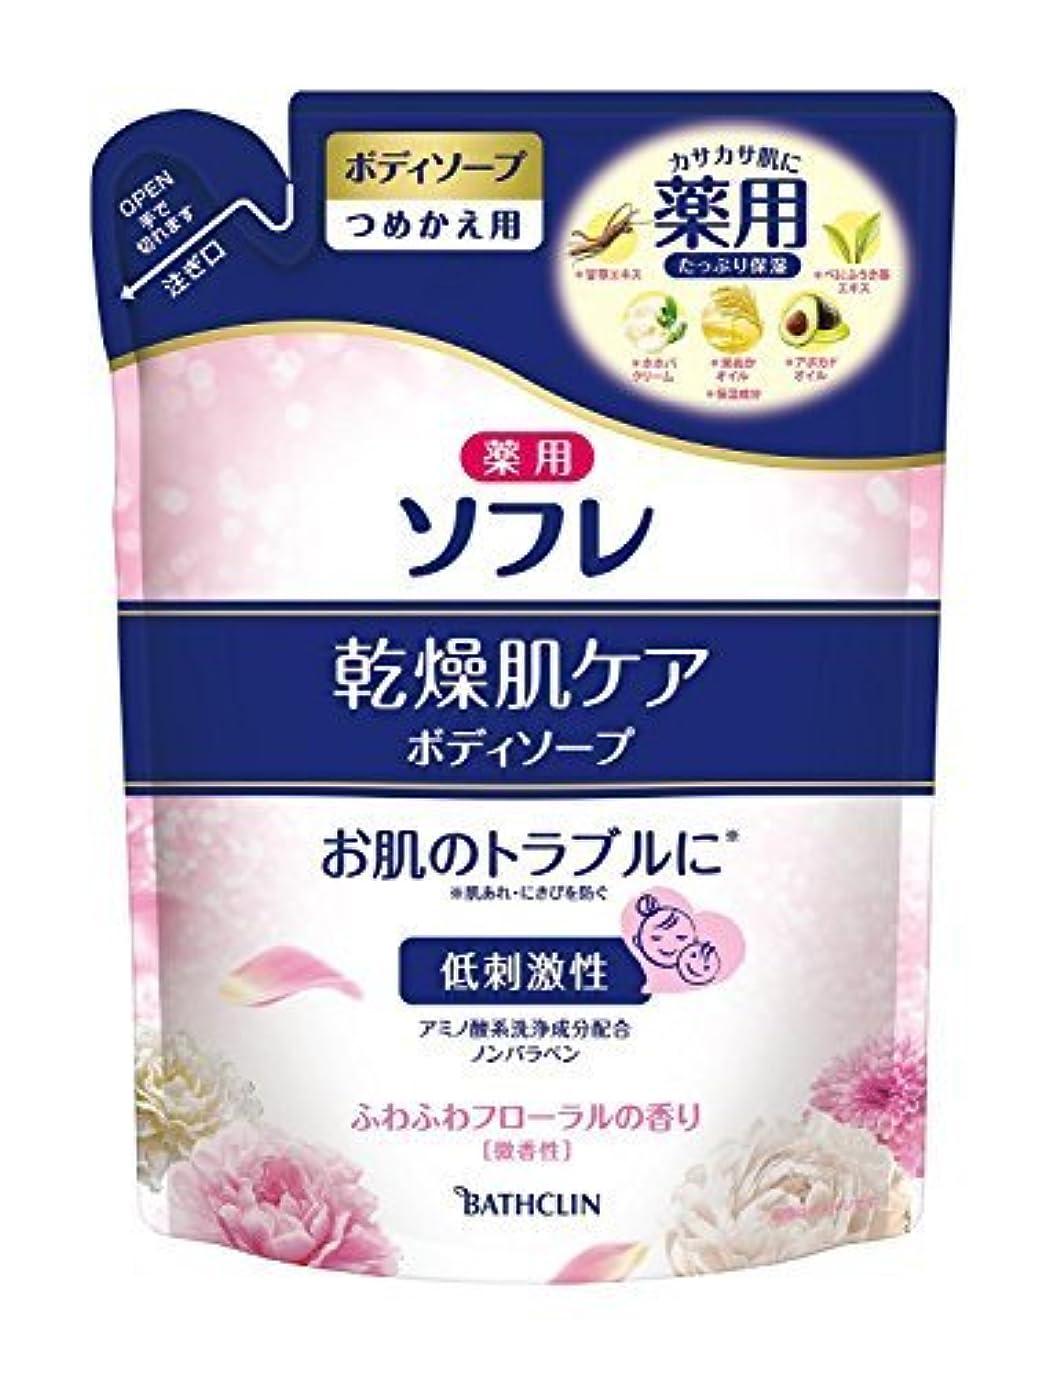 バウンド乱雑な過ち薬用ソフレ 乾燥肌ケアボディ詰替 × 10個セット